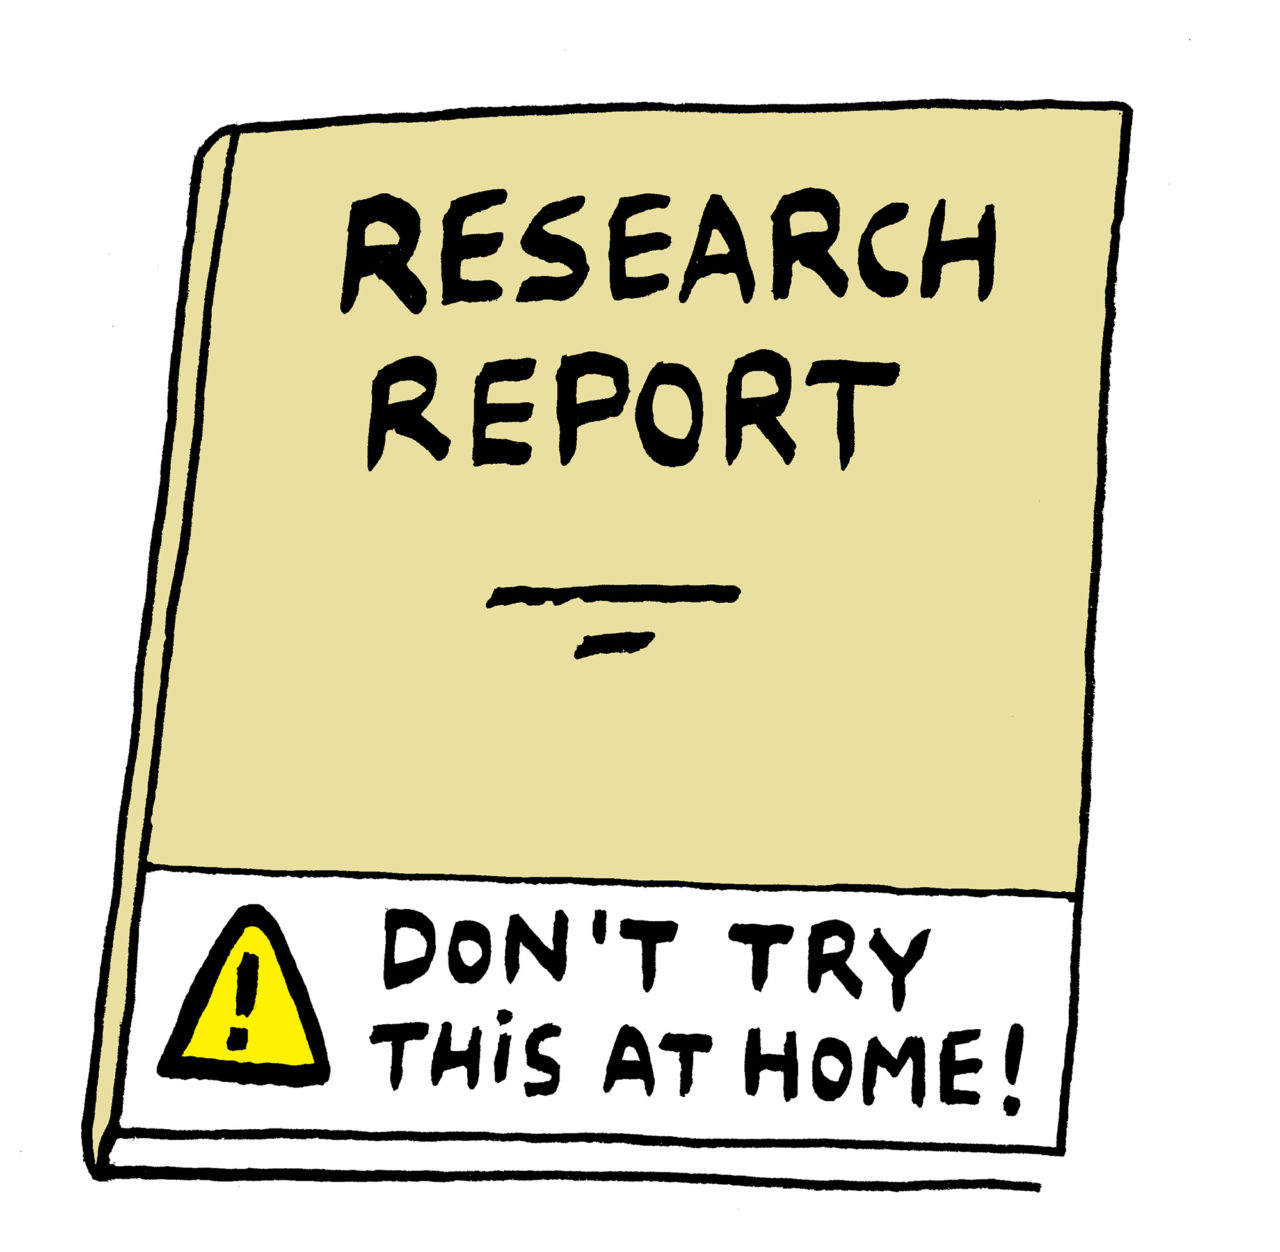 em-onderzoek klopt niet try this at home